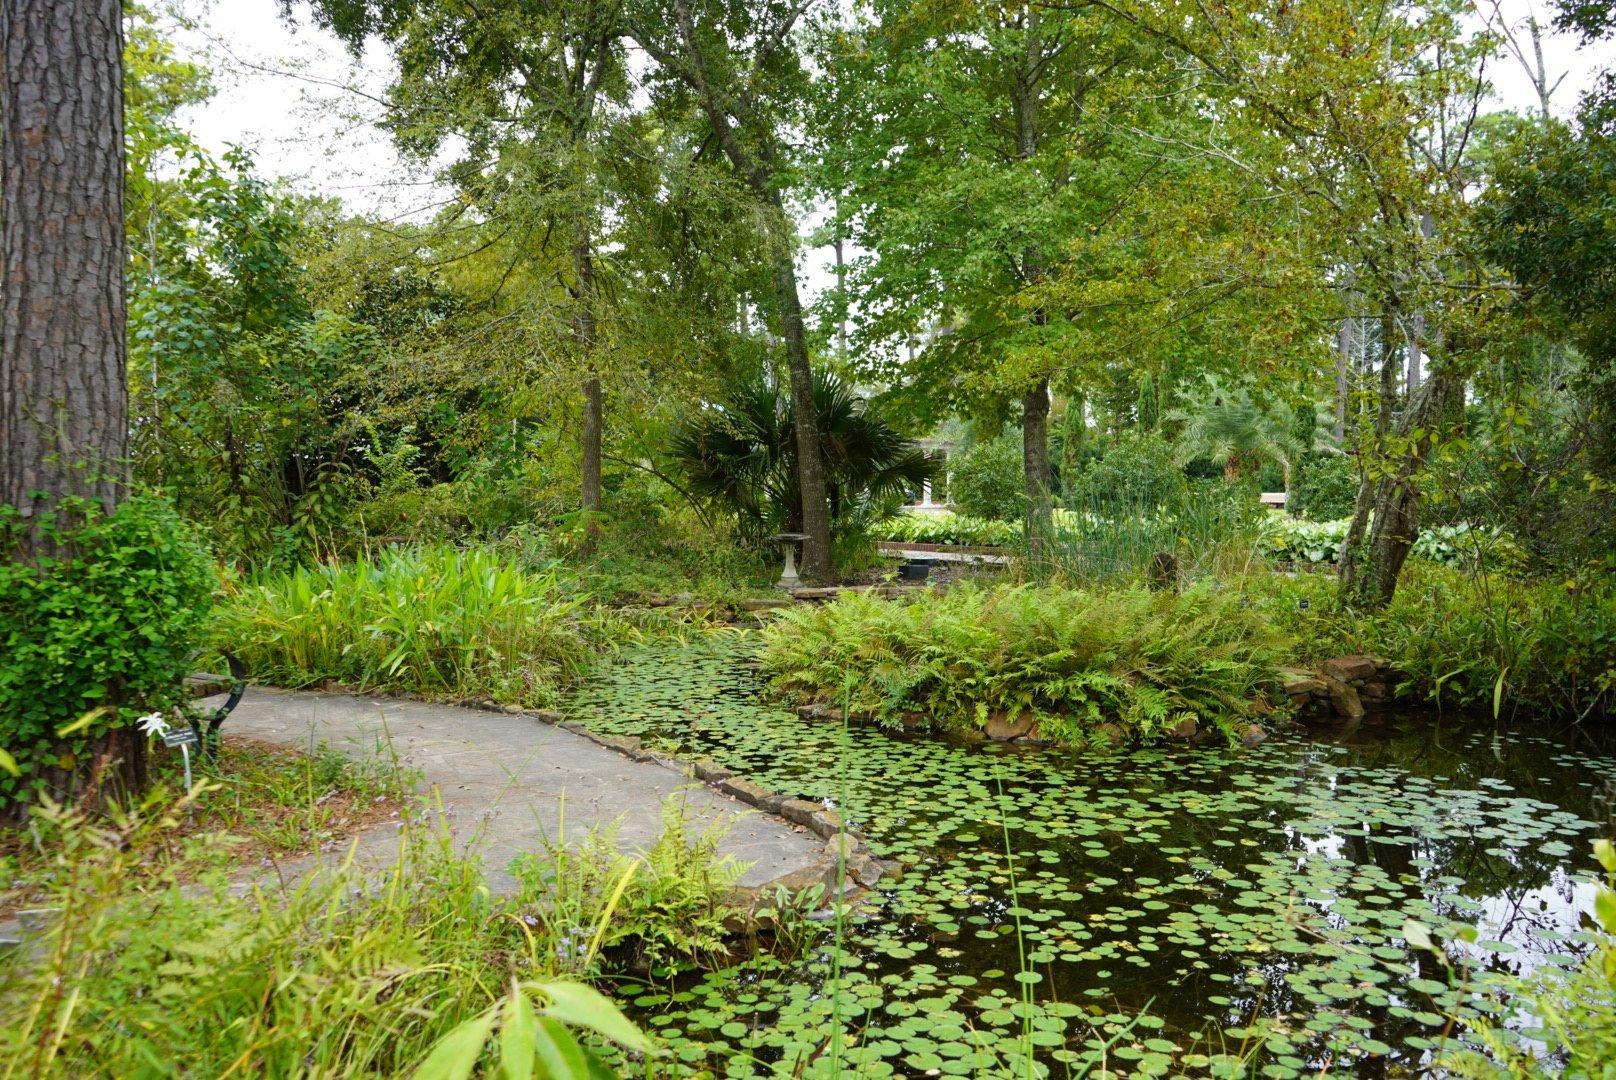 Mercer Arboretum Botanic Gardens In Humble Mercer Arboretum Botanic Gardens 22306 Aldine